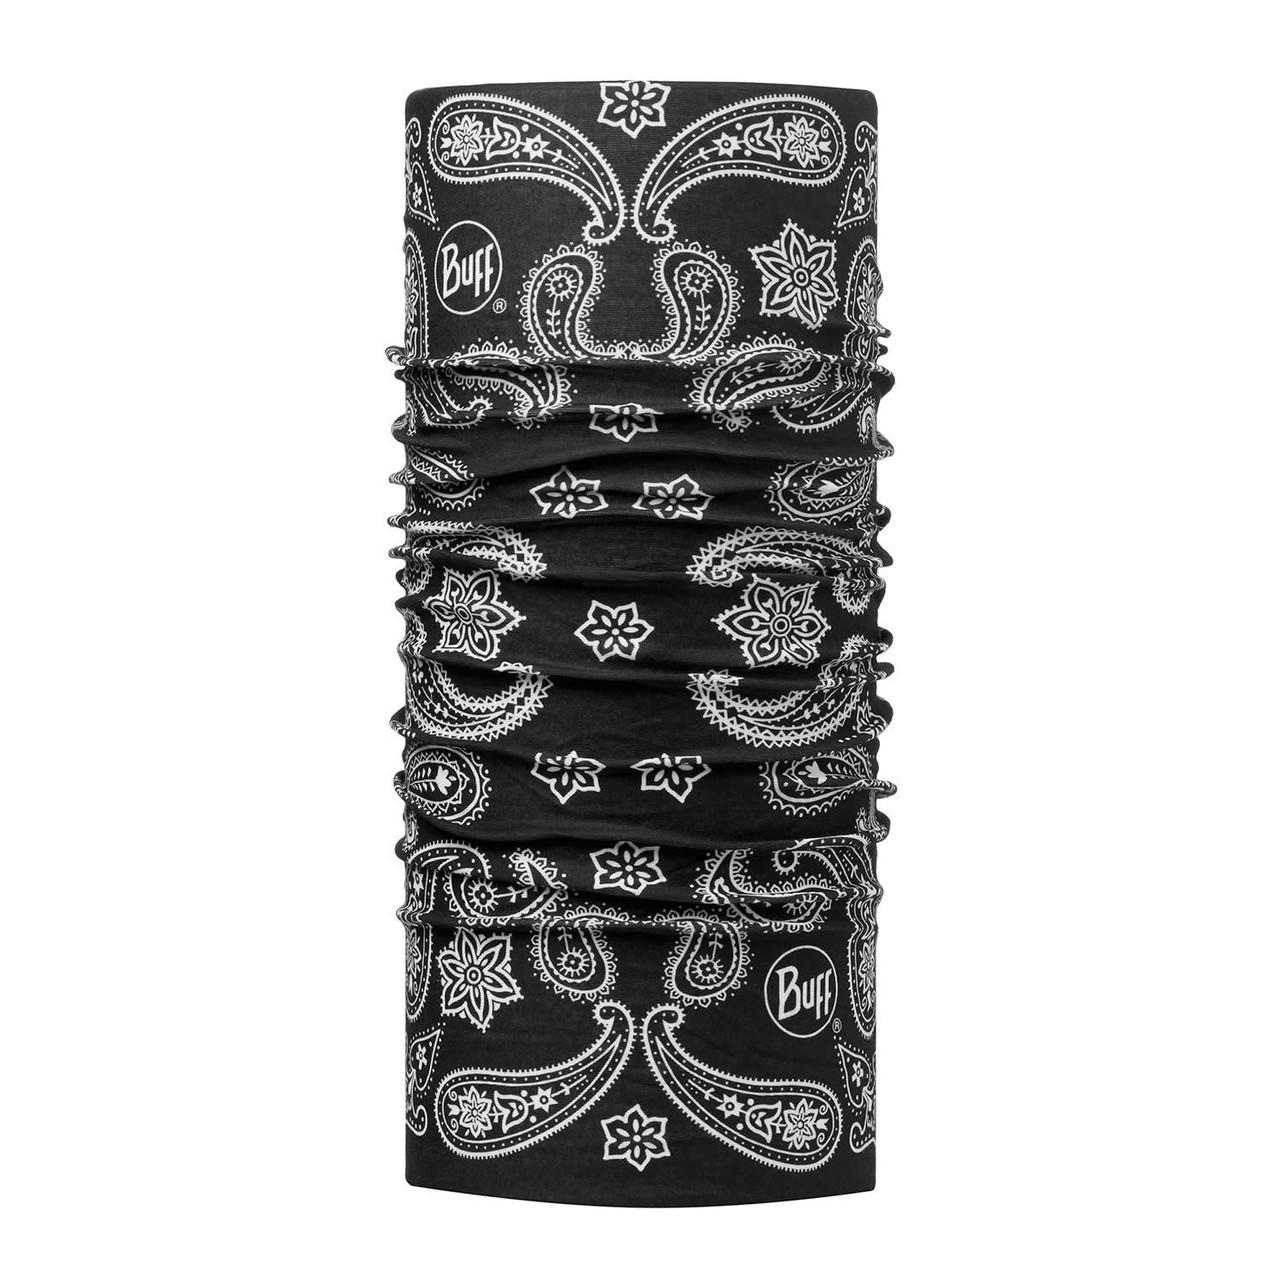 Бандана Buff Original Cashmere Black (100407.00)